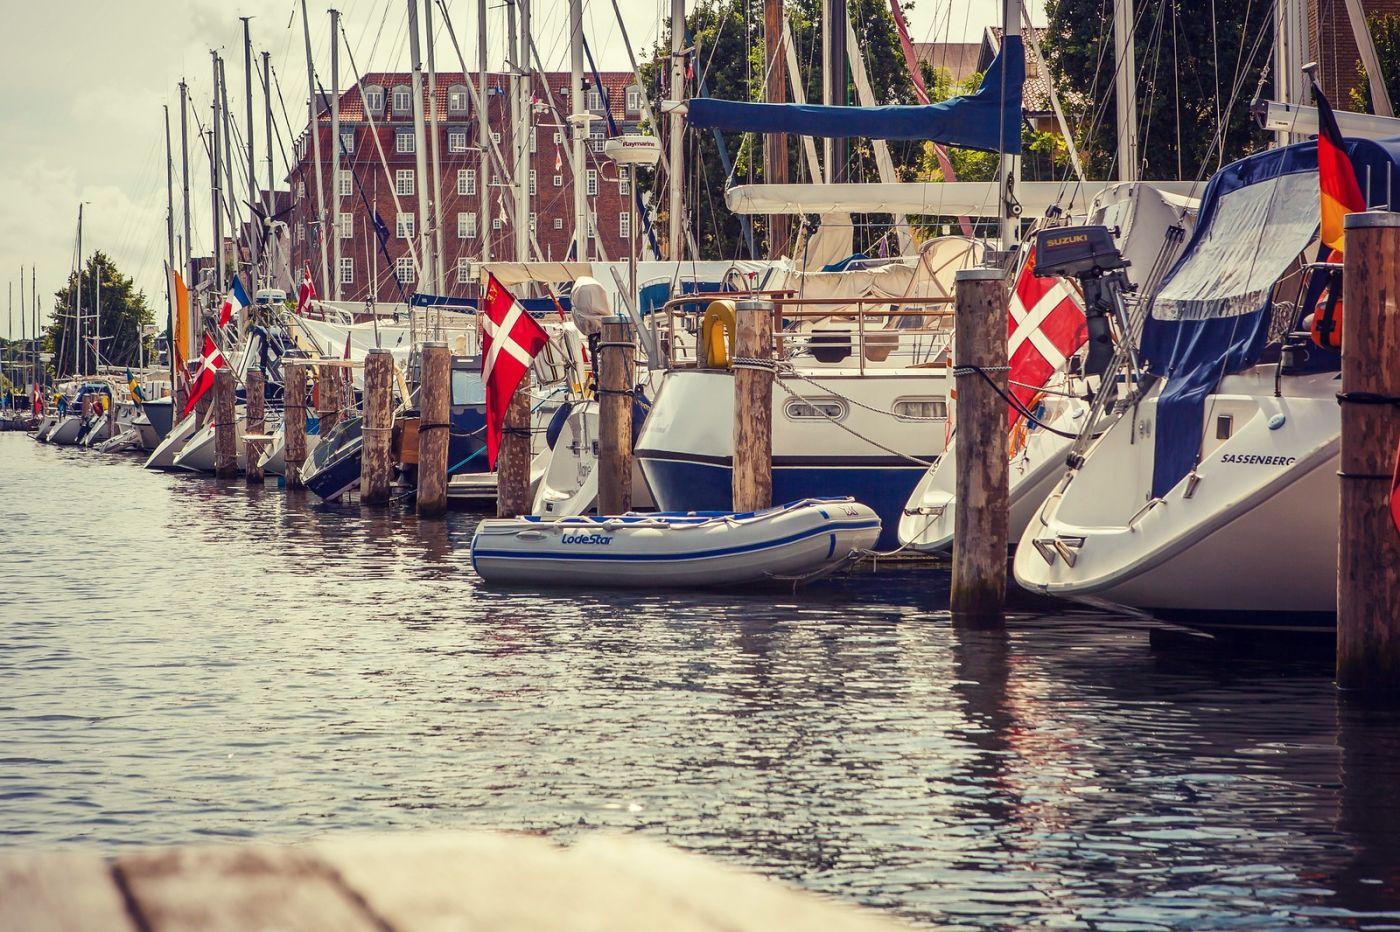 丹麦哥本哈根,新旧融合的城市_图1-2